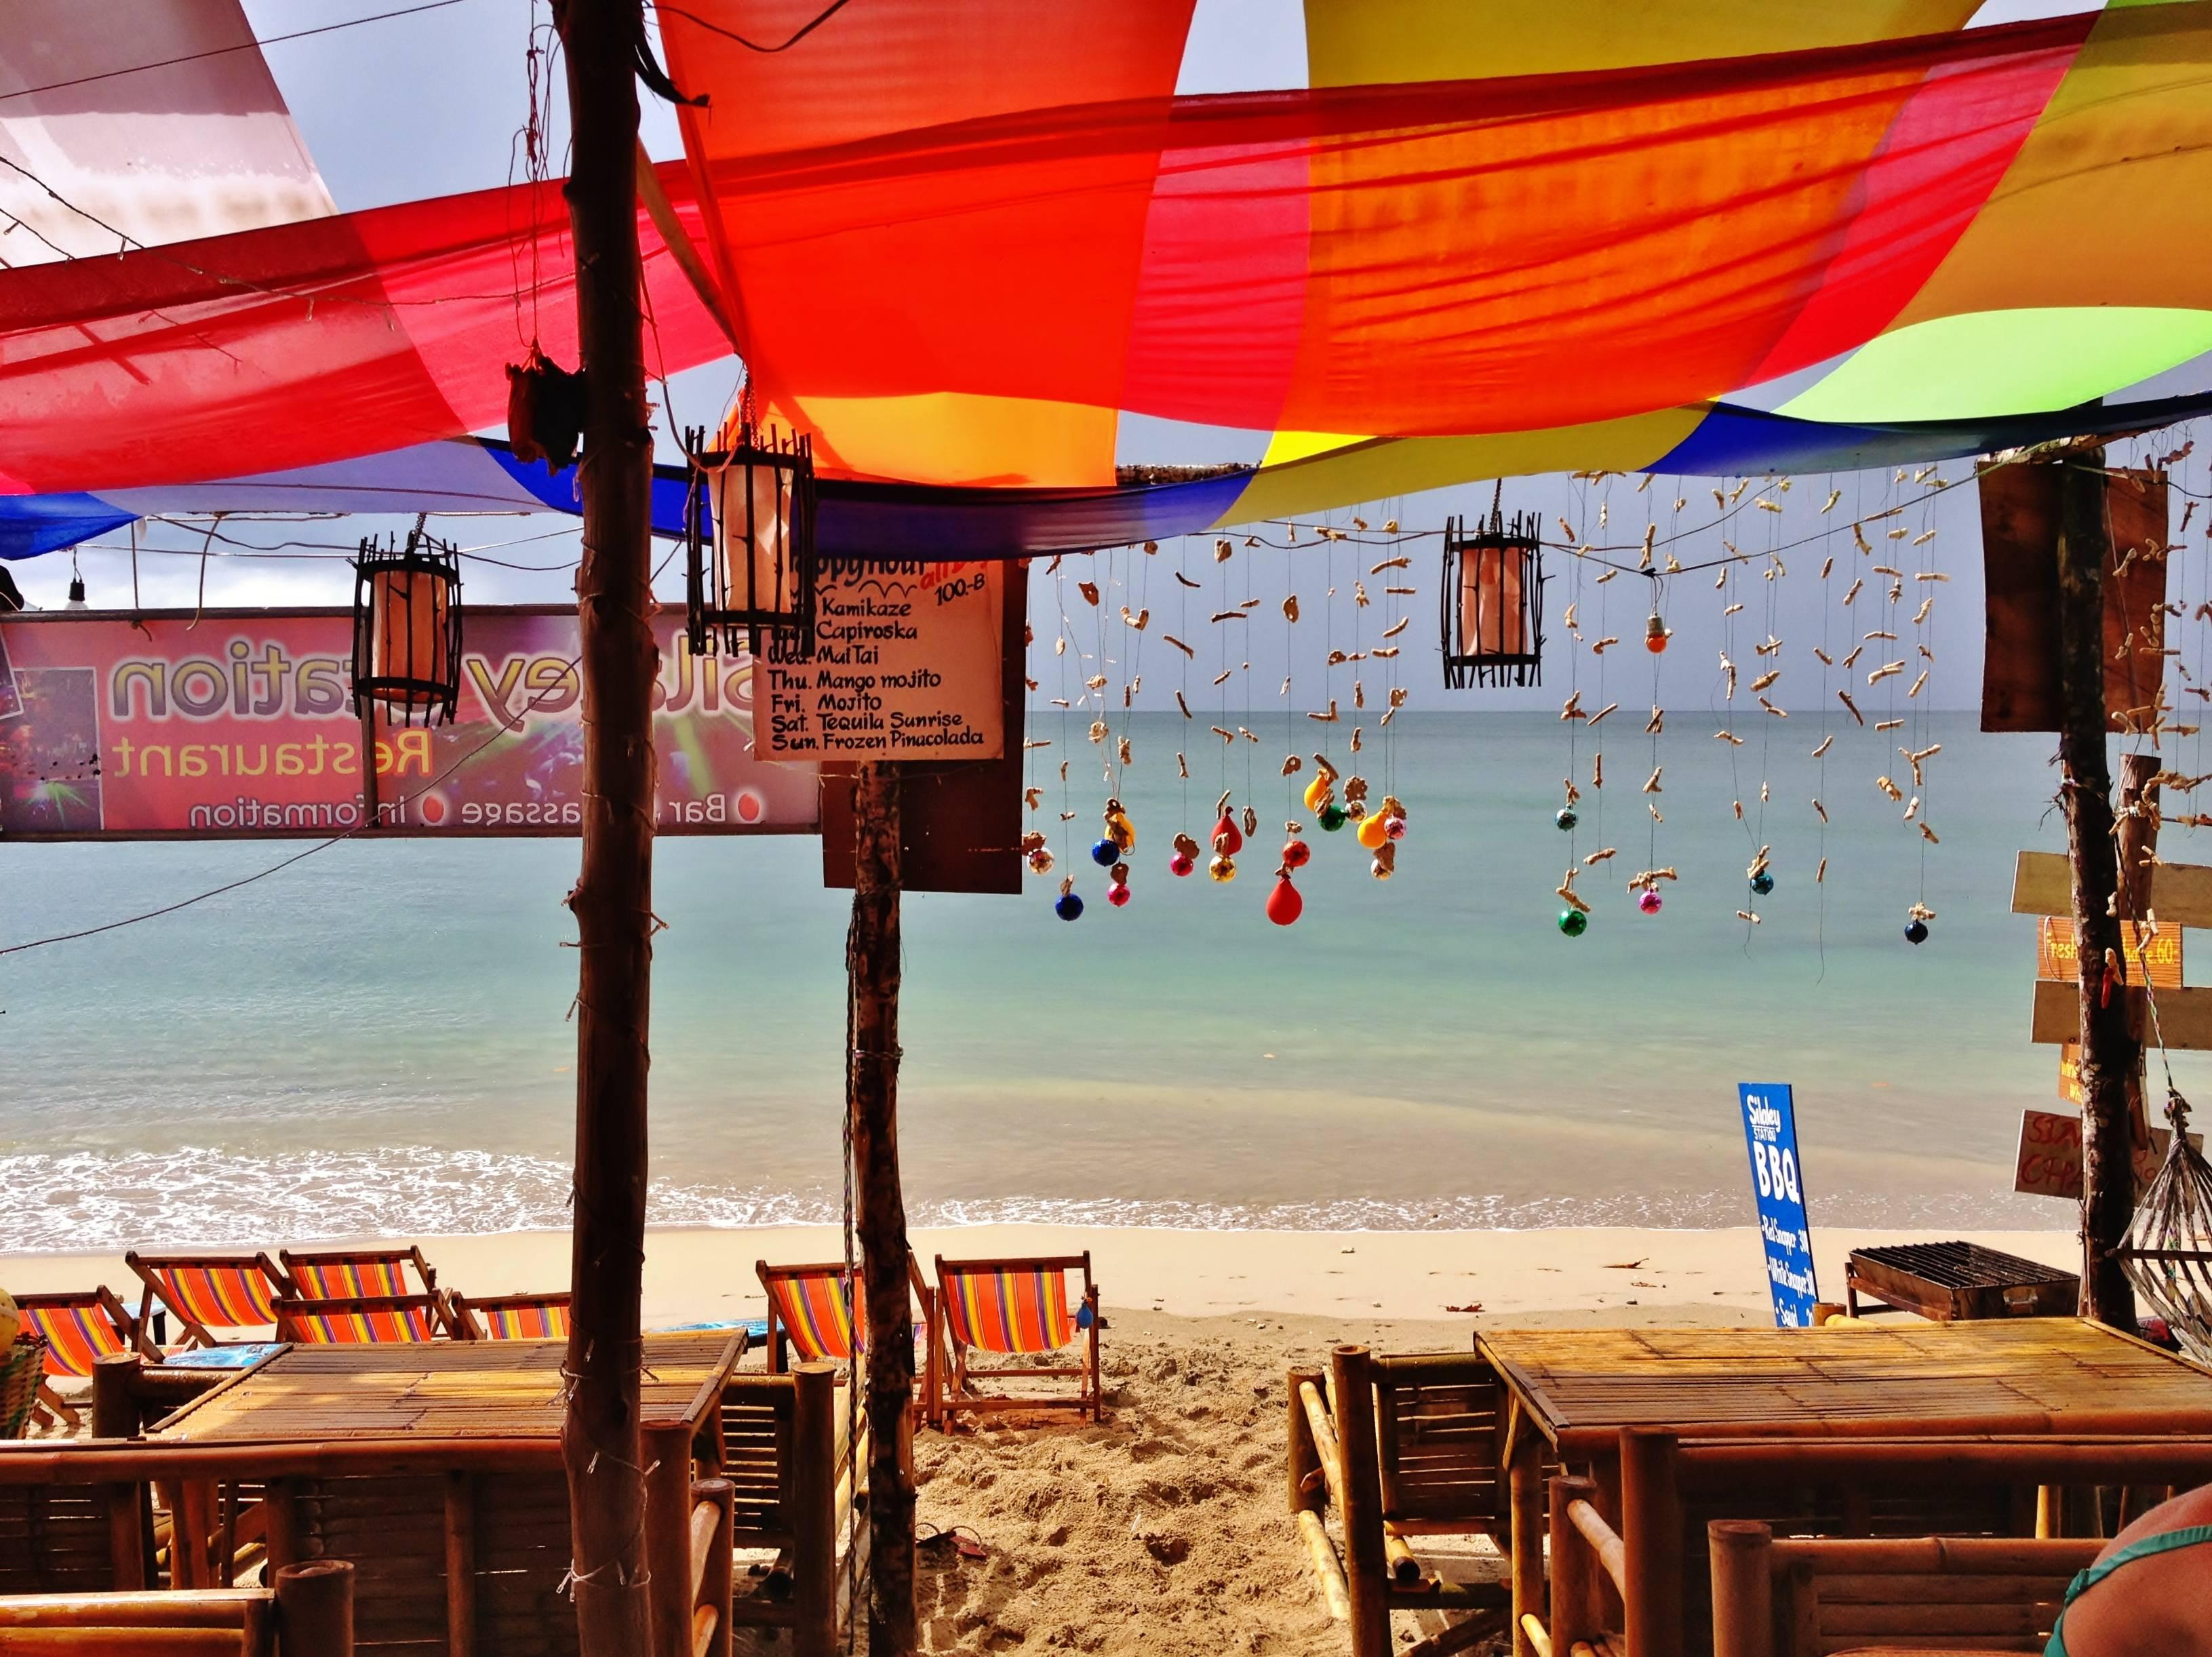 Photo 2: Koh Lanta